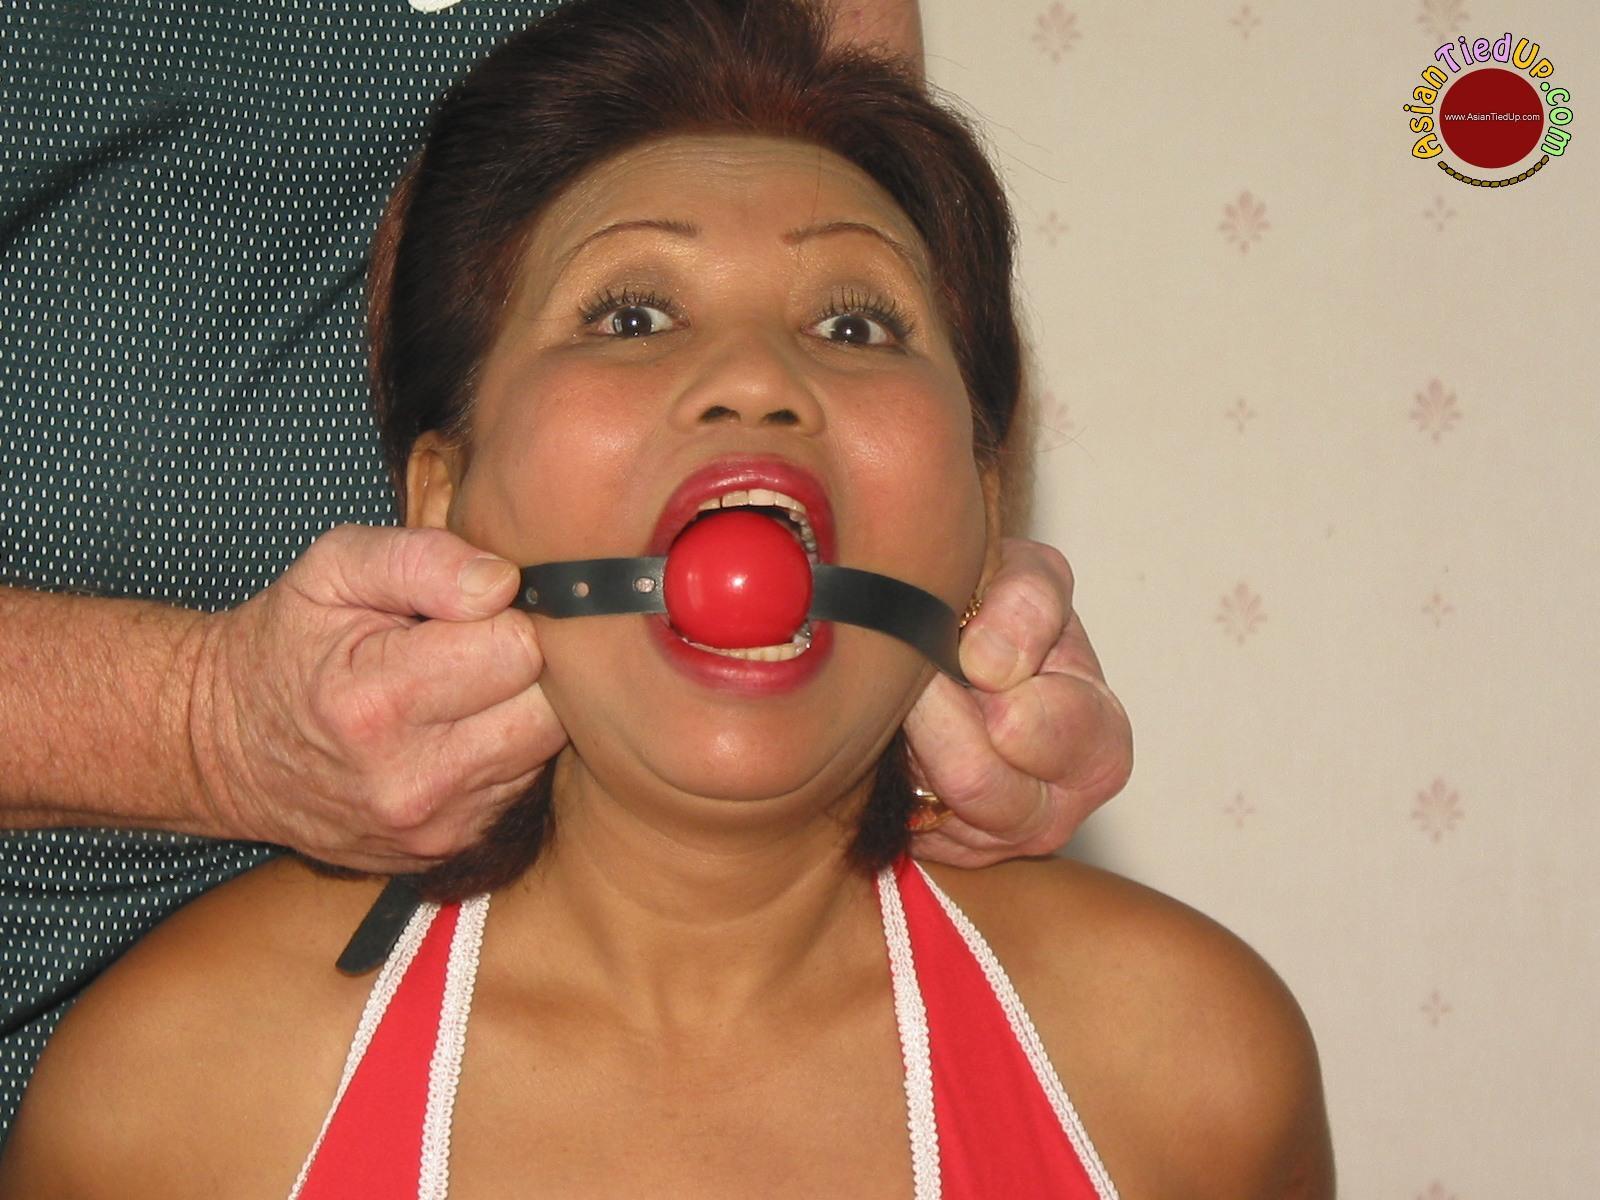 Porn picture of neha dhupia